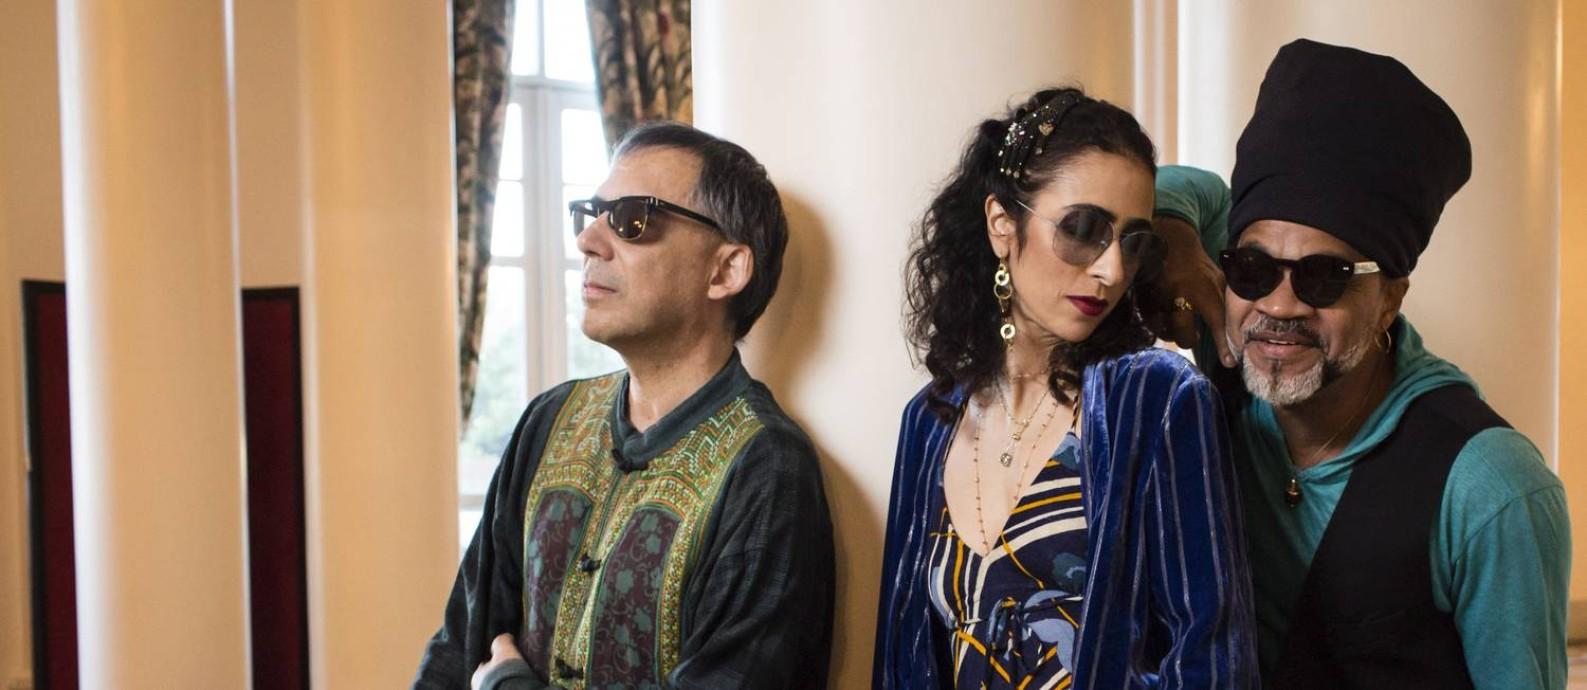 Tribalistas: Arnaldo Antunes, Marisa Monte e Carlinhos Brown Foto: Fernando Lemos / Agência O Globo